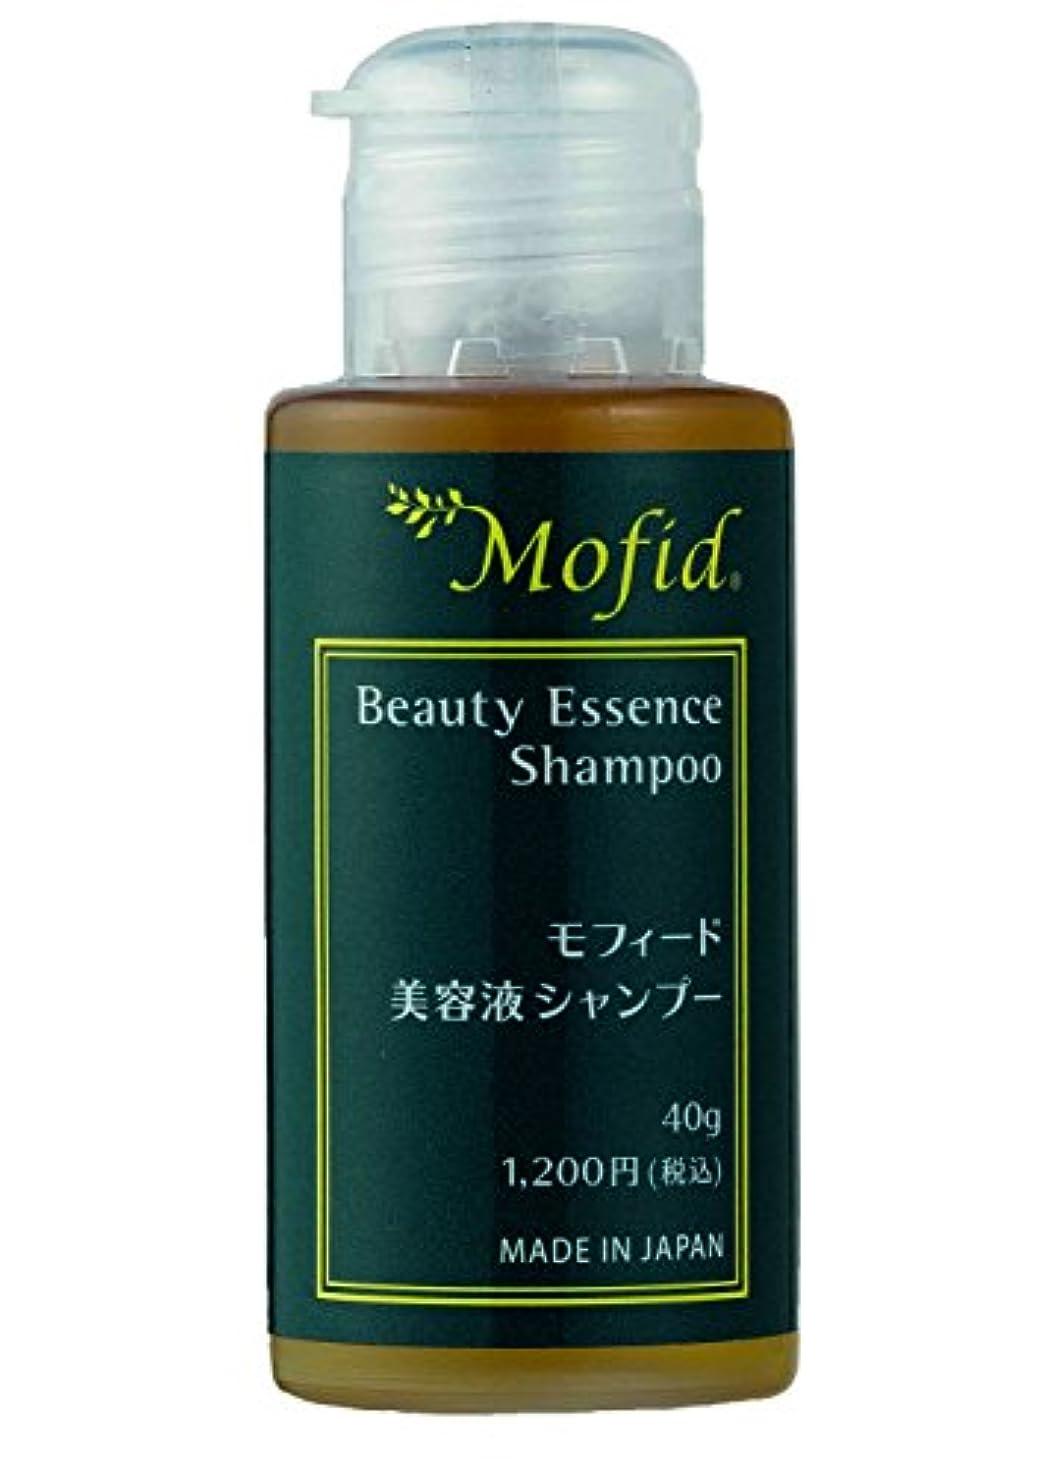 セラー近傍できれば日本製 モフィード 美容液 シャンプー 40g 【ハラル Halal 認証 シャンプー】 Mofid Beauty Serum Shampoo